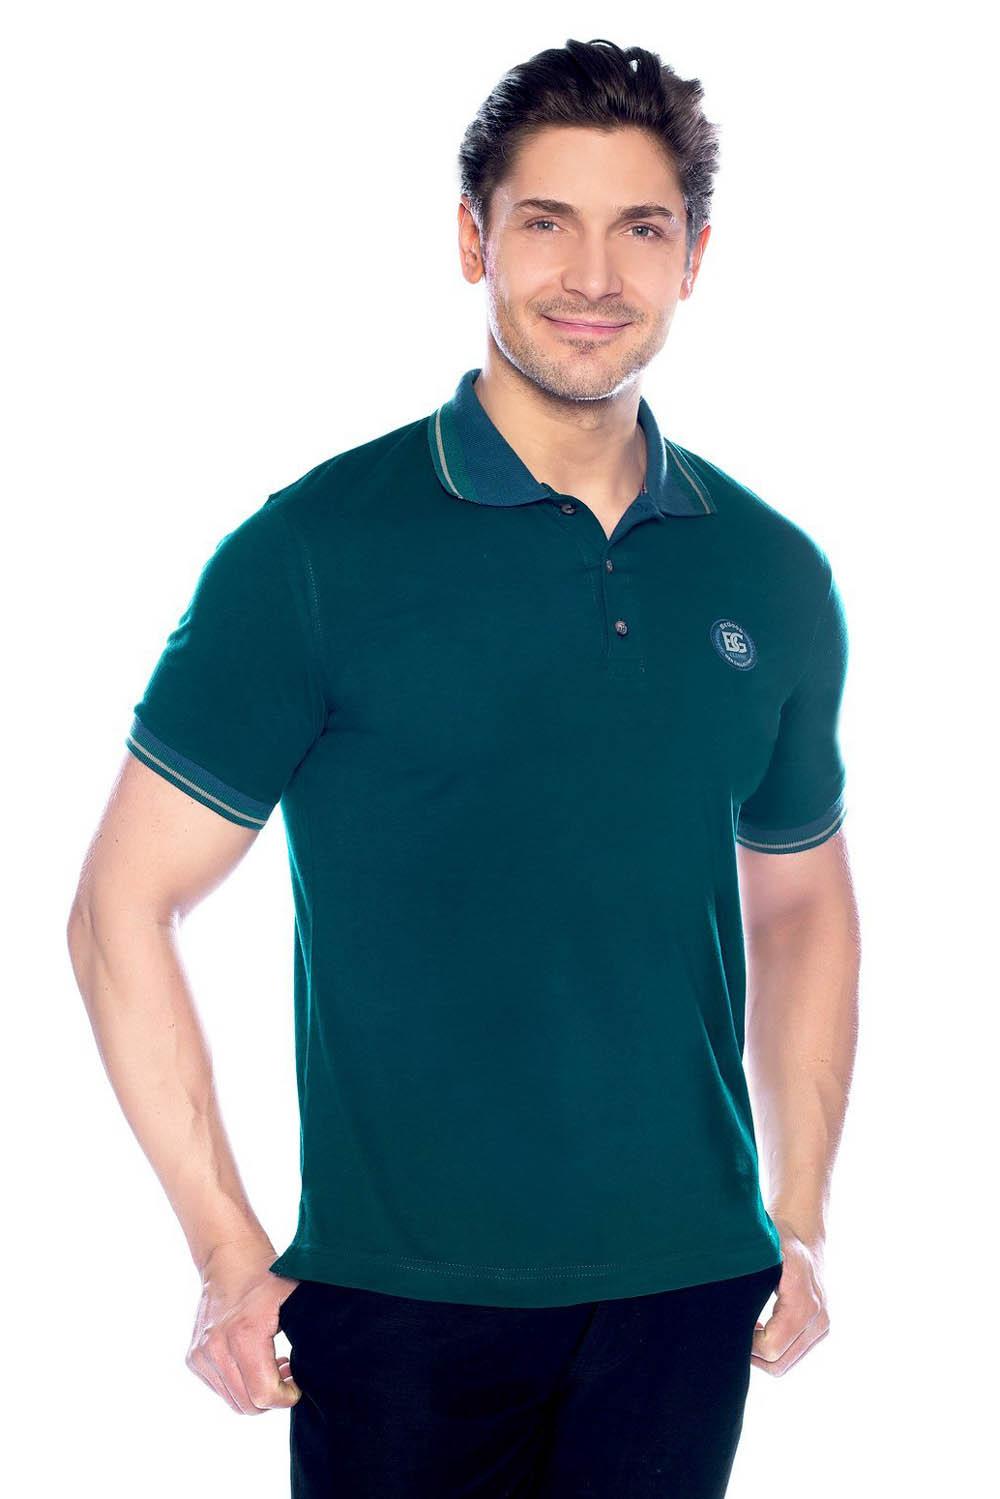 Футболки BeGood Футболка Fresko Цвет: Темно-Зеленый (M) футболки begood футболка стрекоза цвет молочный m